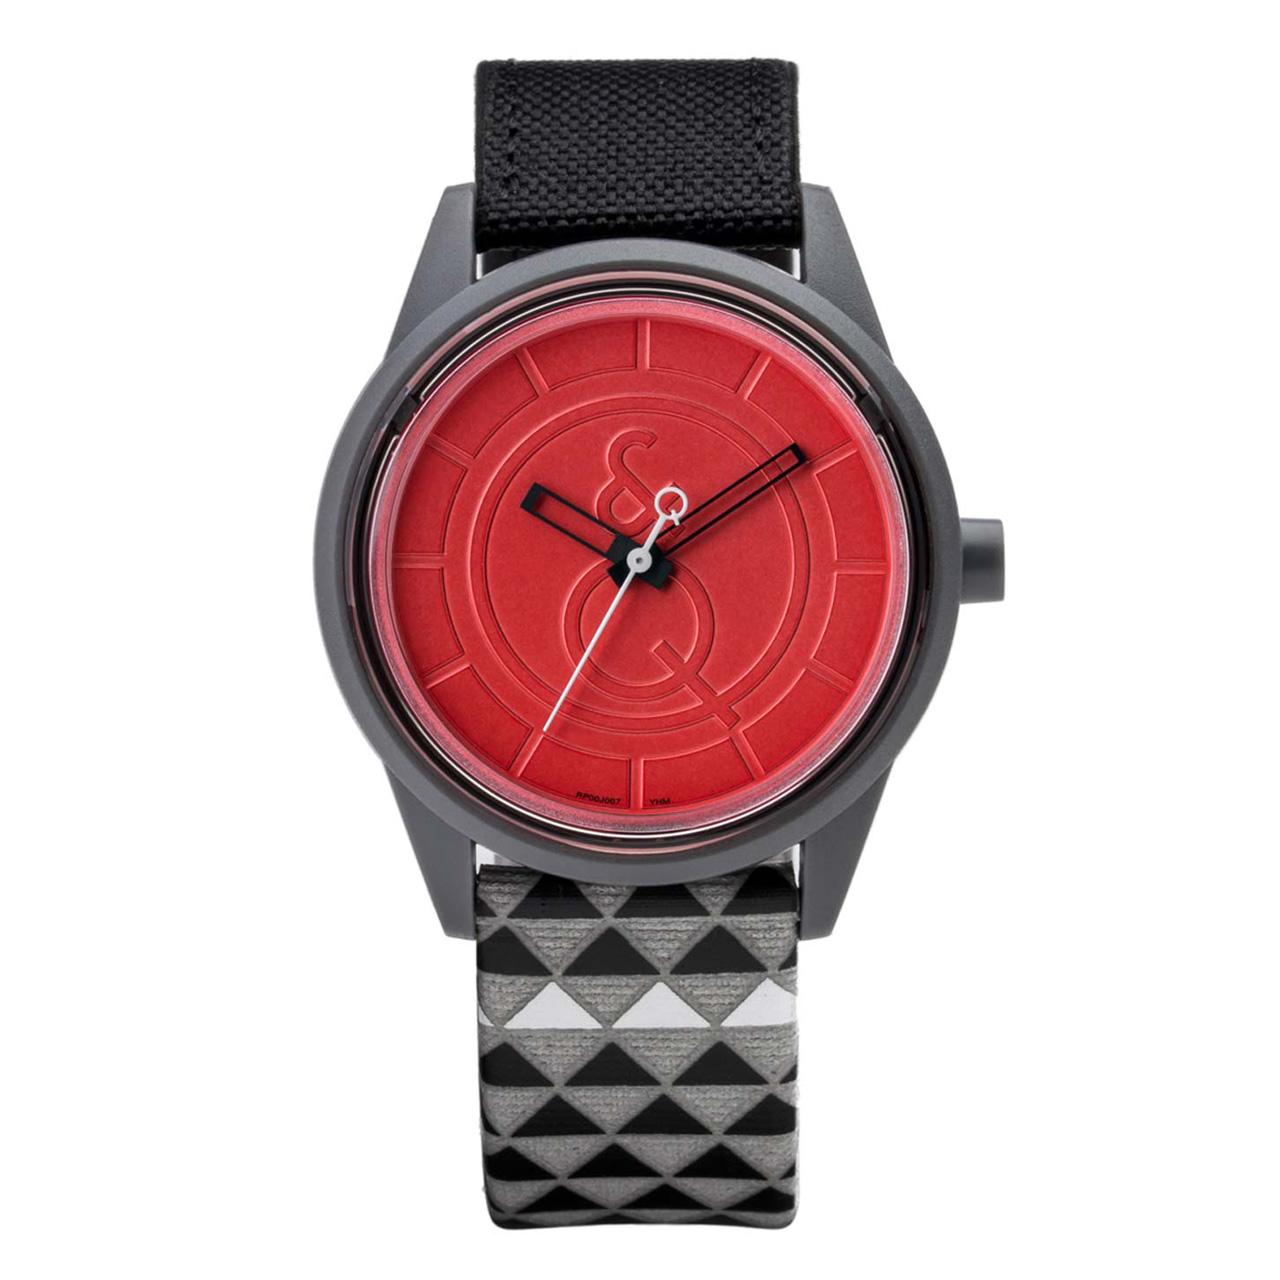 ساعت مچی عقربهای سولار کیو اند کیو مدل rp00j014y به همراه دستمال مخصوص برند کلین واچ